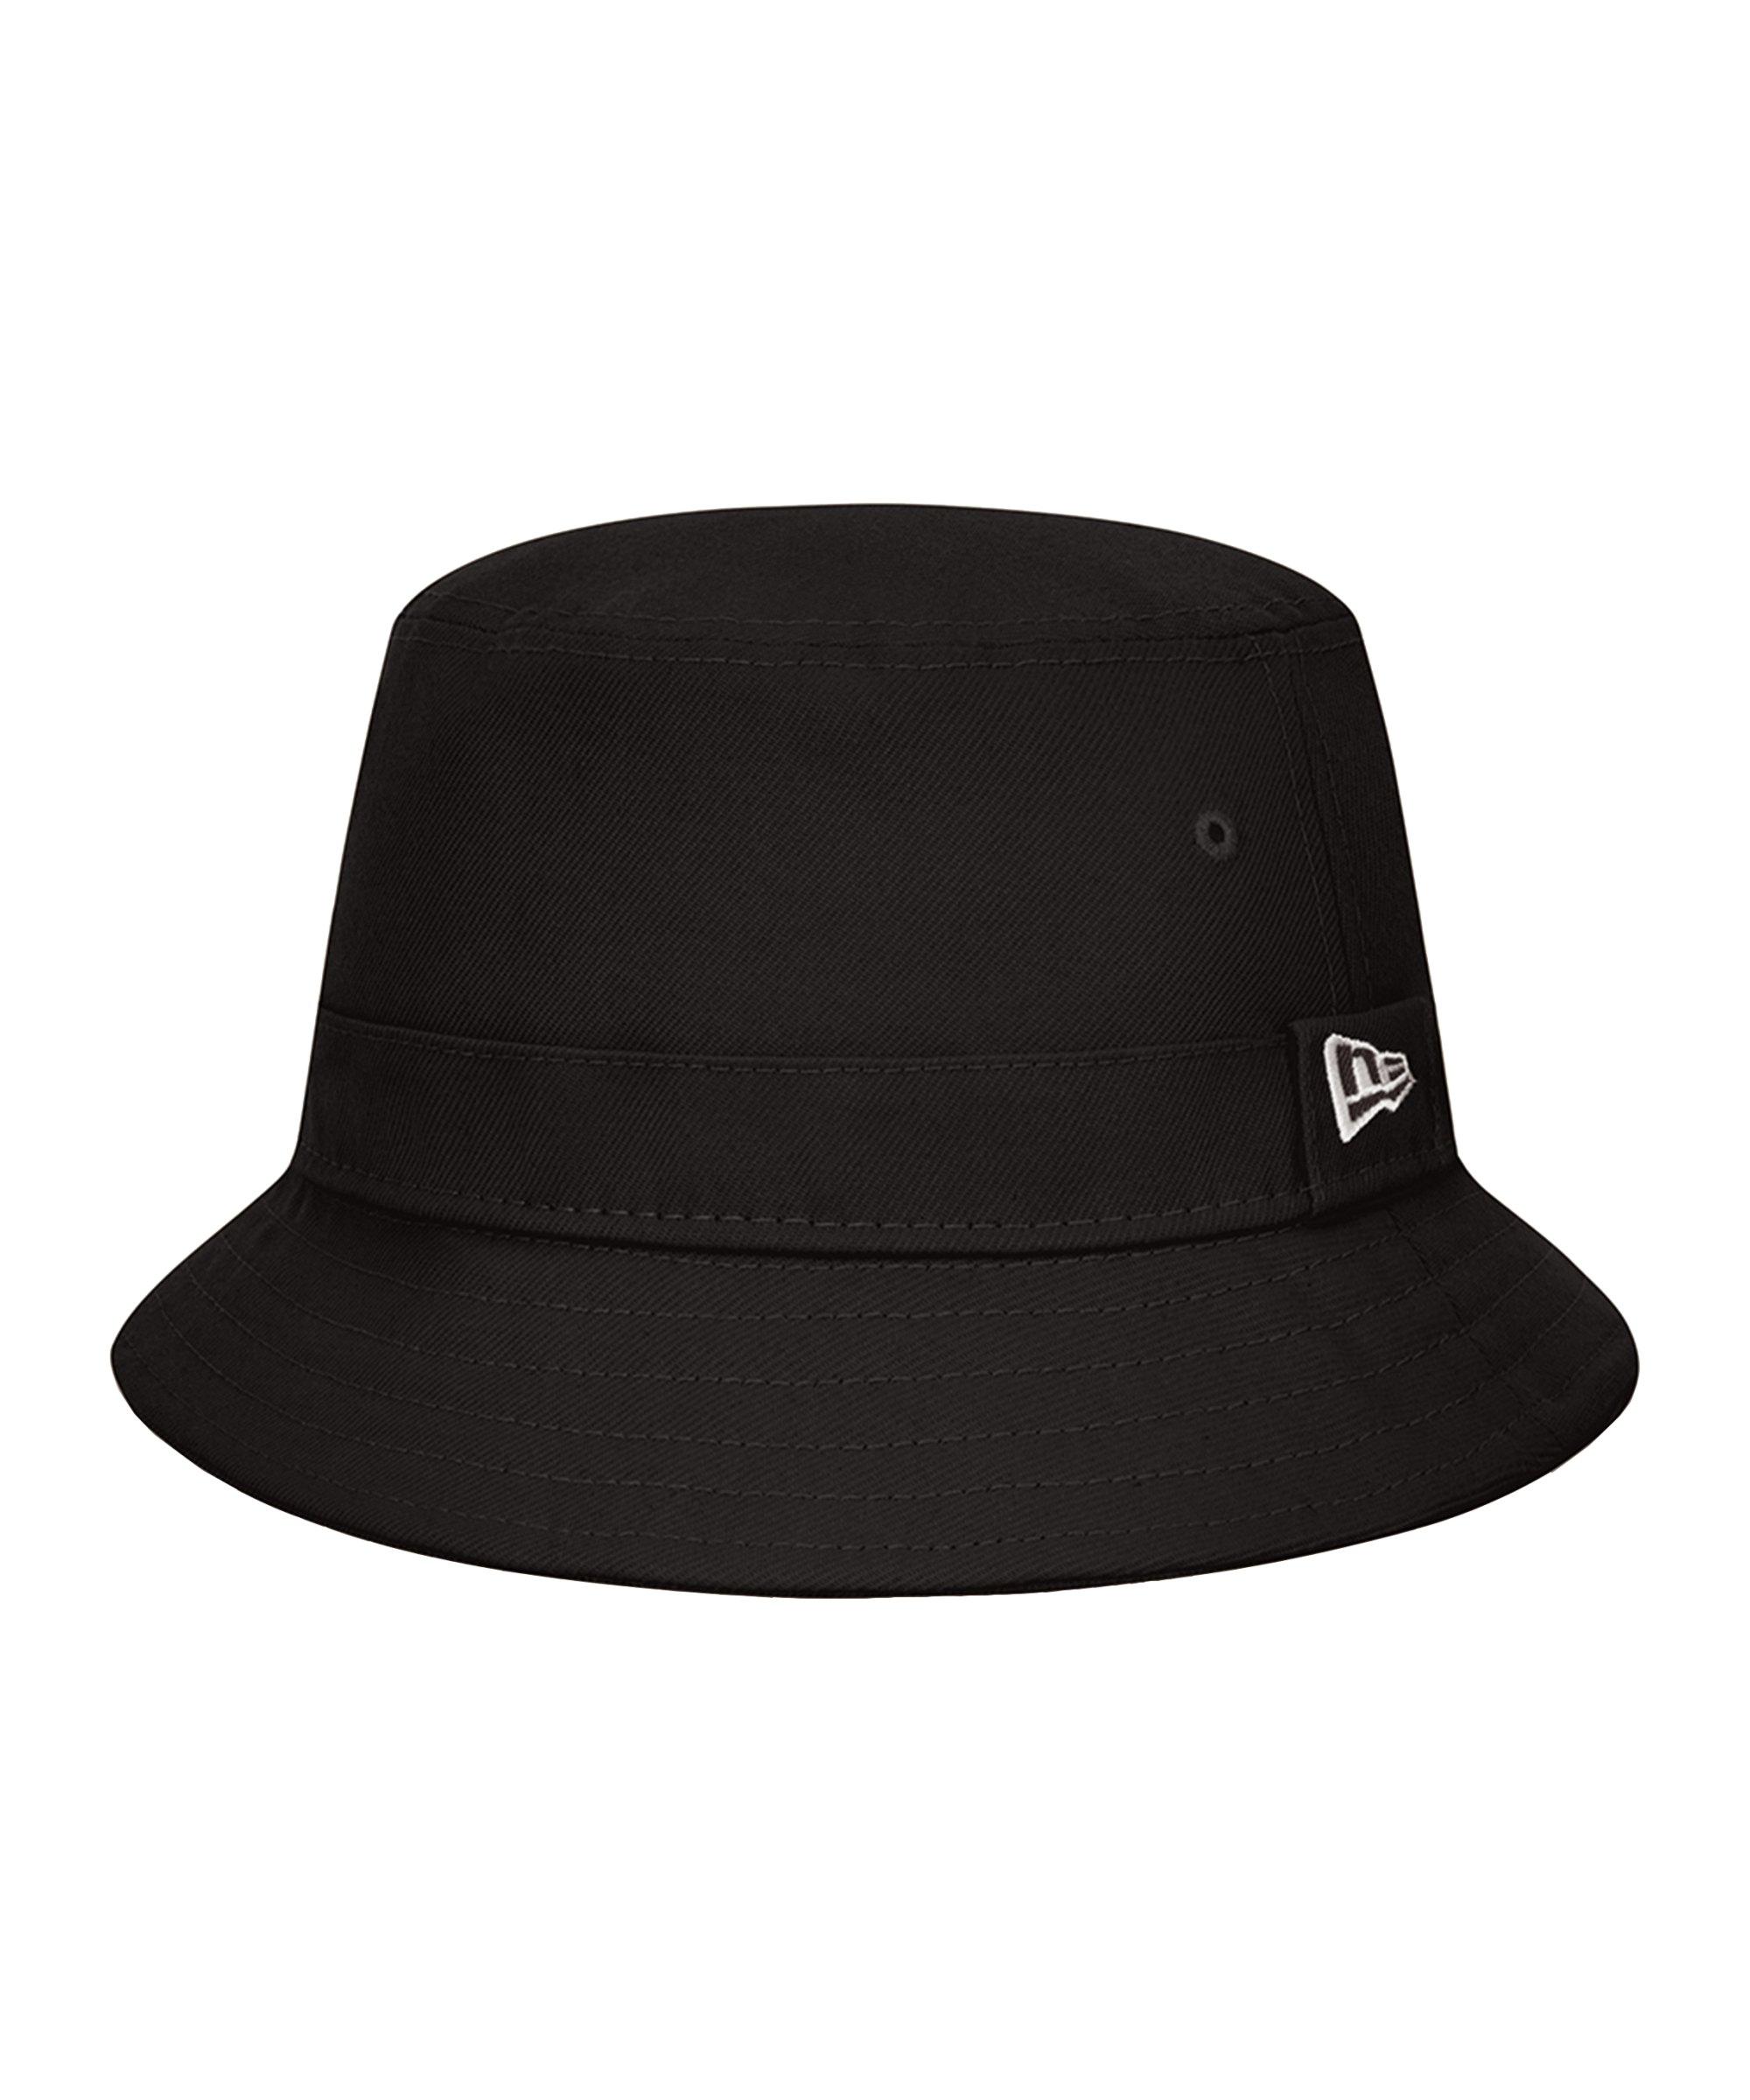 New Era Essential Bucket Hat Schwarz FBLK - schwarz